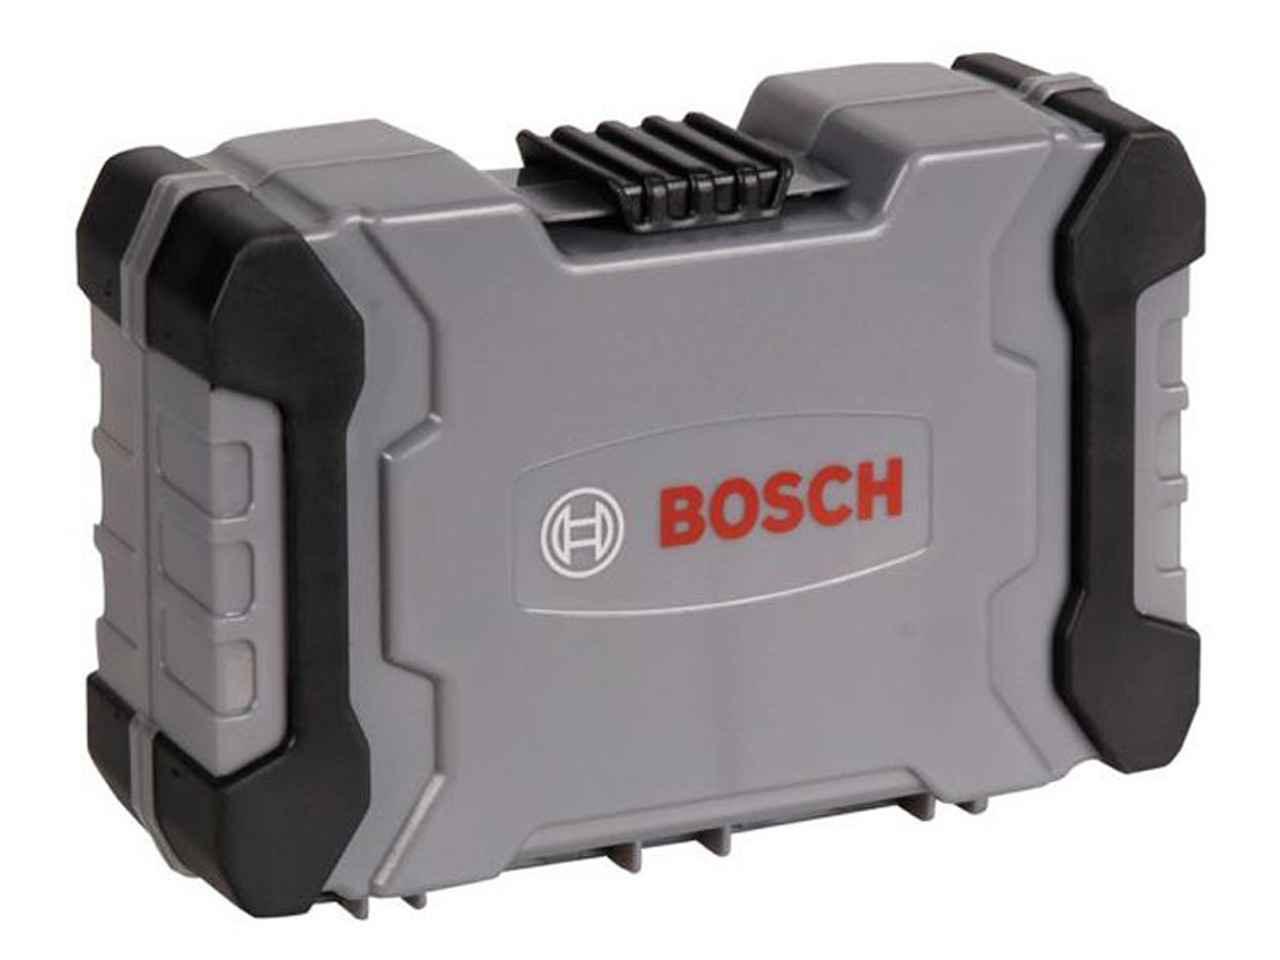 bosch 2607017164 43 piece screwdriver bit and nutsetter set. Black Bedroom Furniture Sets. Home Design Ideas